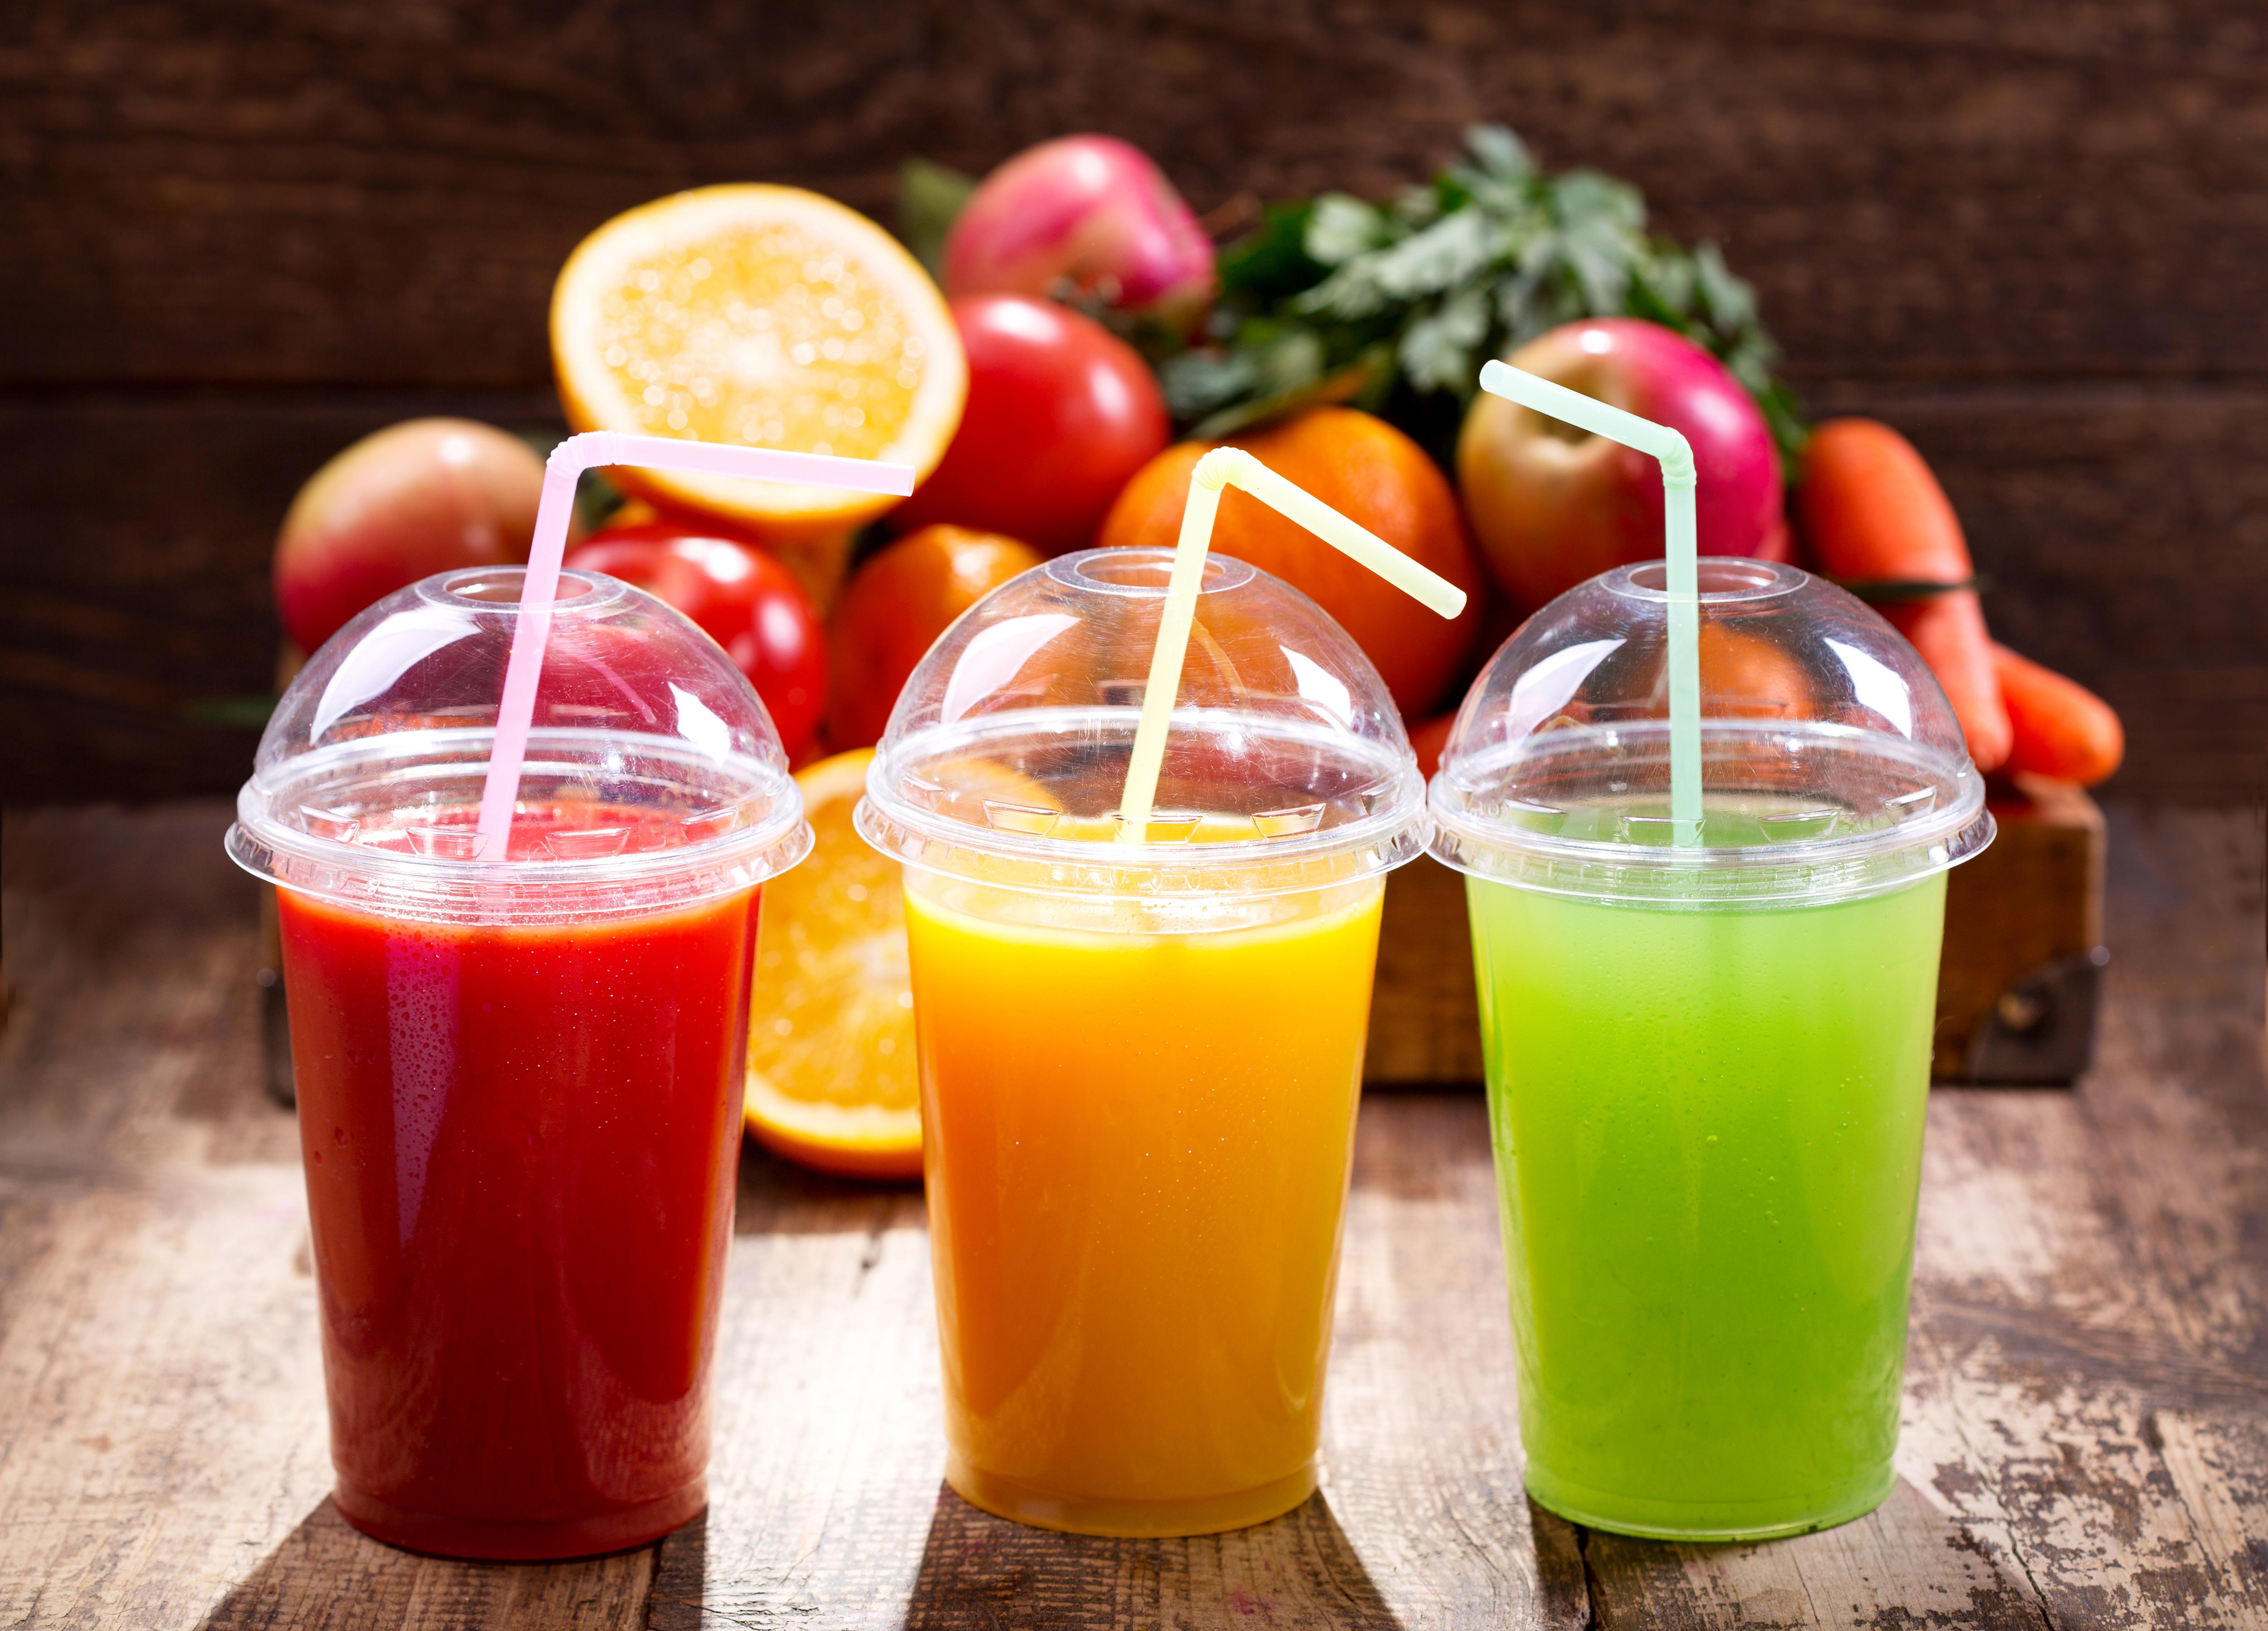 Картинки Сок Стакан Еда Трое 3 Фрукты стакана стакане три Пища втроем Продукты питания